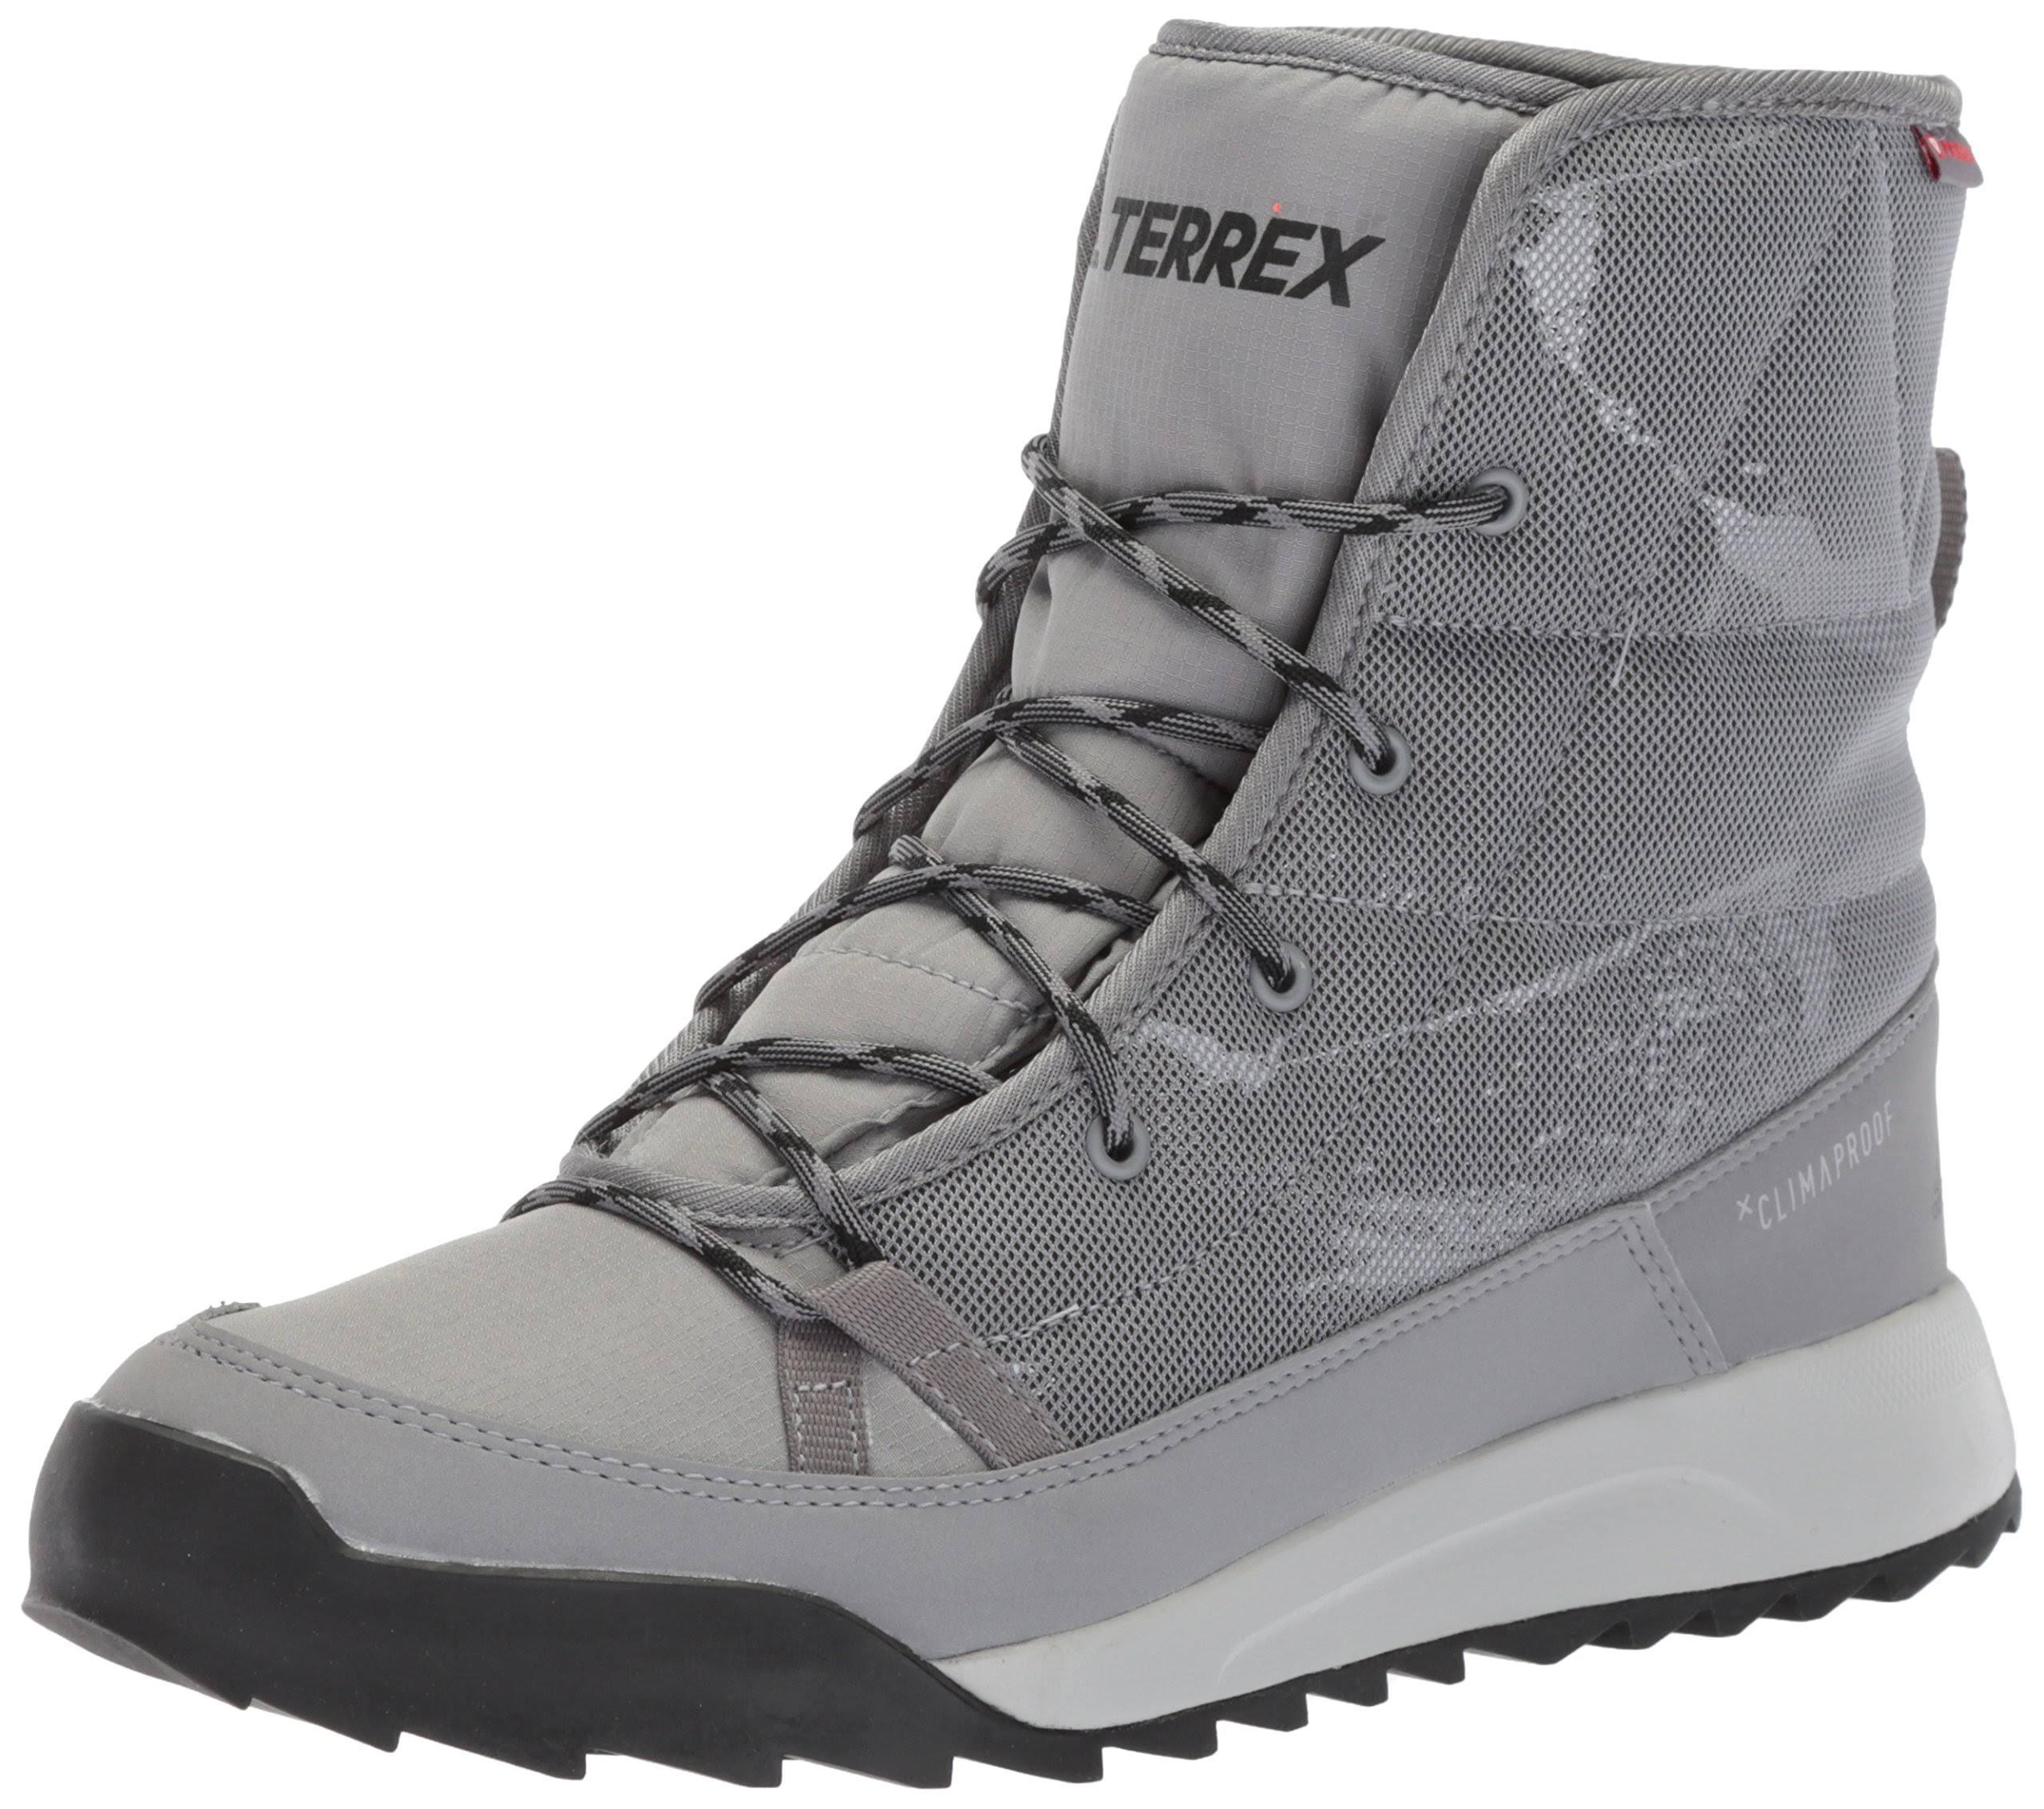 Damen Adidas Choleah Cp Für Stiefel Terrex Graue Padded 6 8ax61q8p